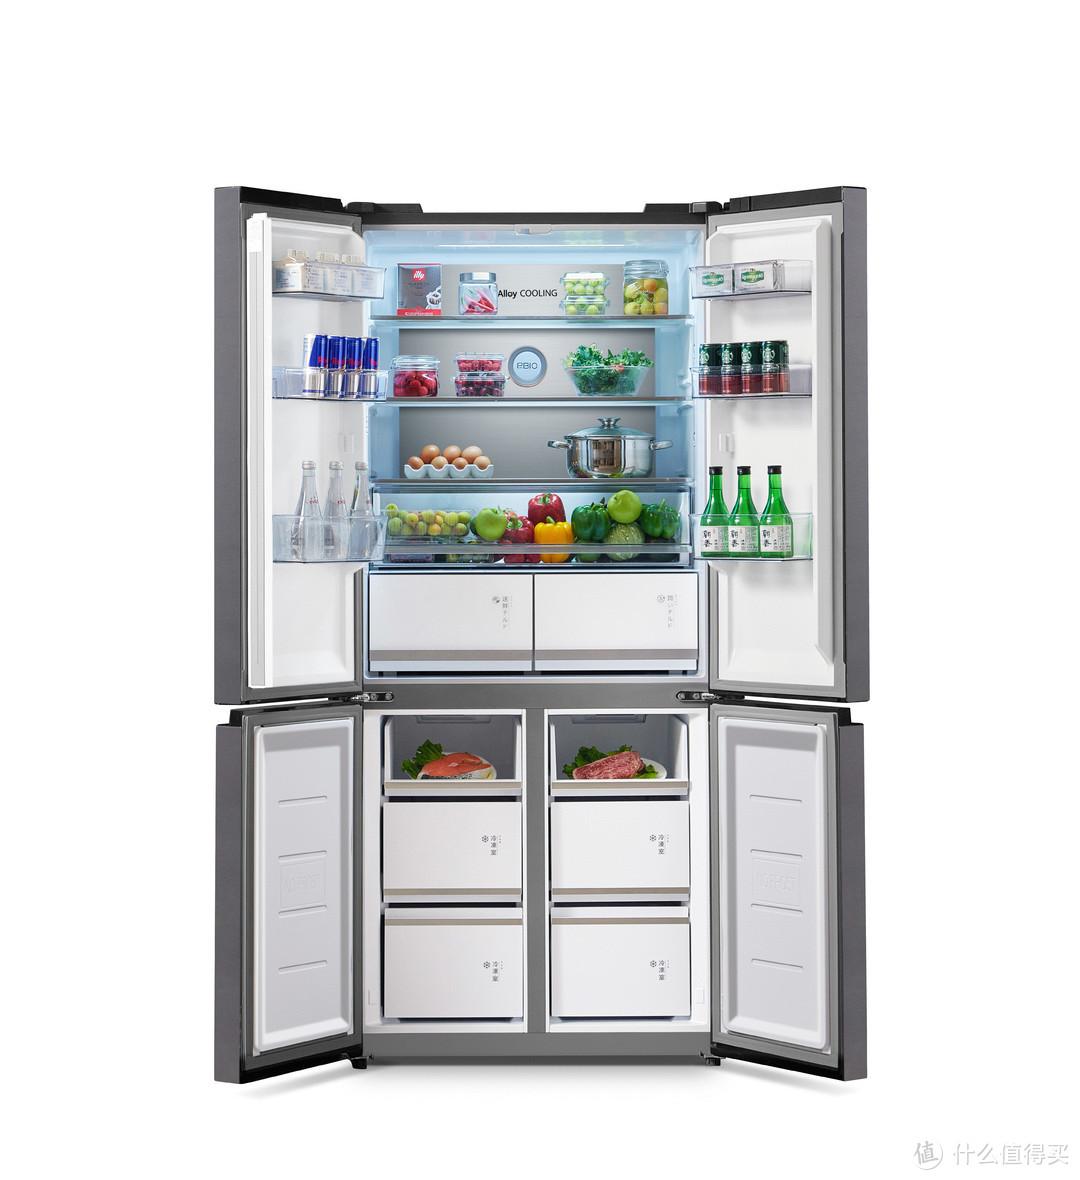 避免病从口入,从选对冰箱开始,别再让爸妈吃不新鲜的东西了!